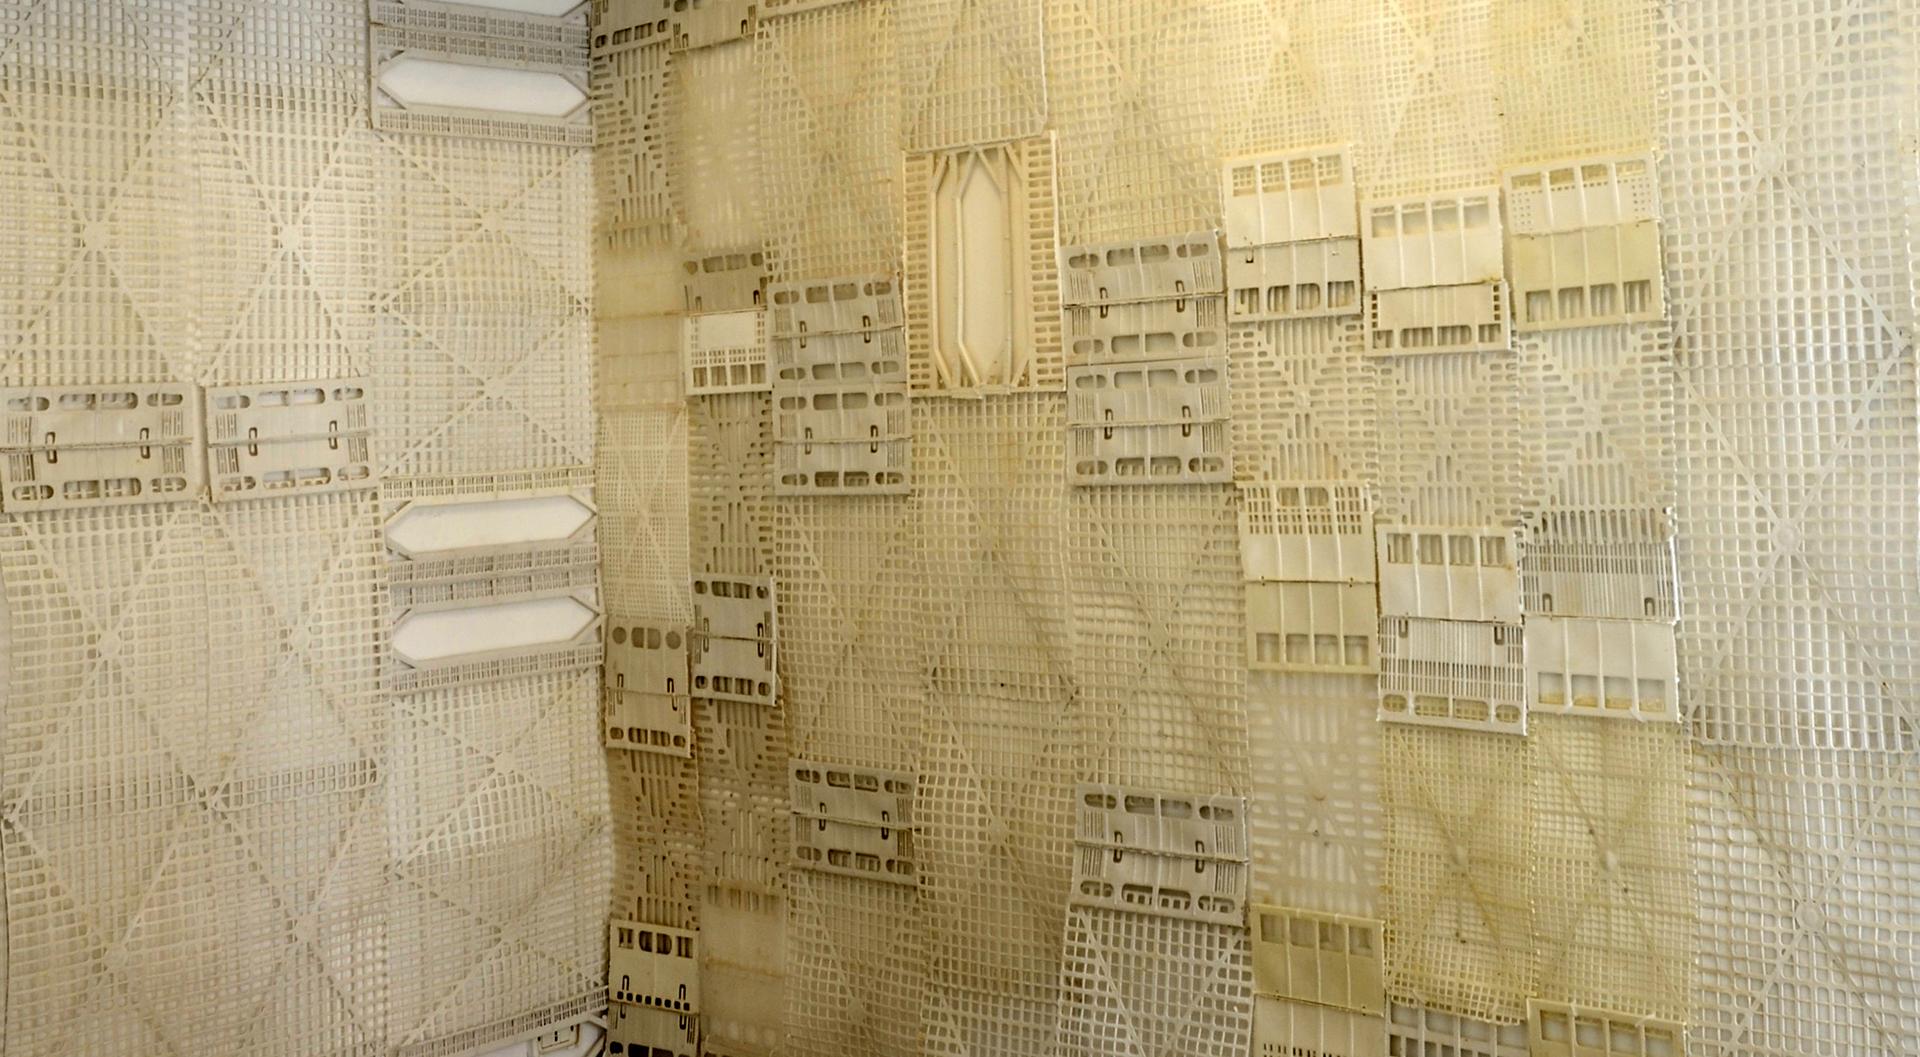 Victoria DeBlassie - Merletto Architettonico